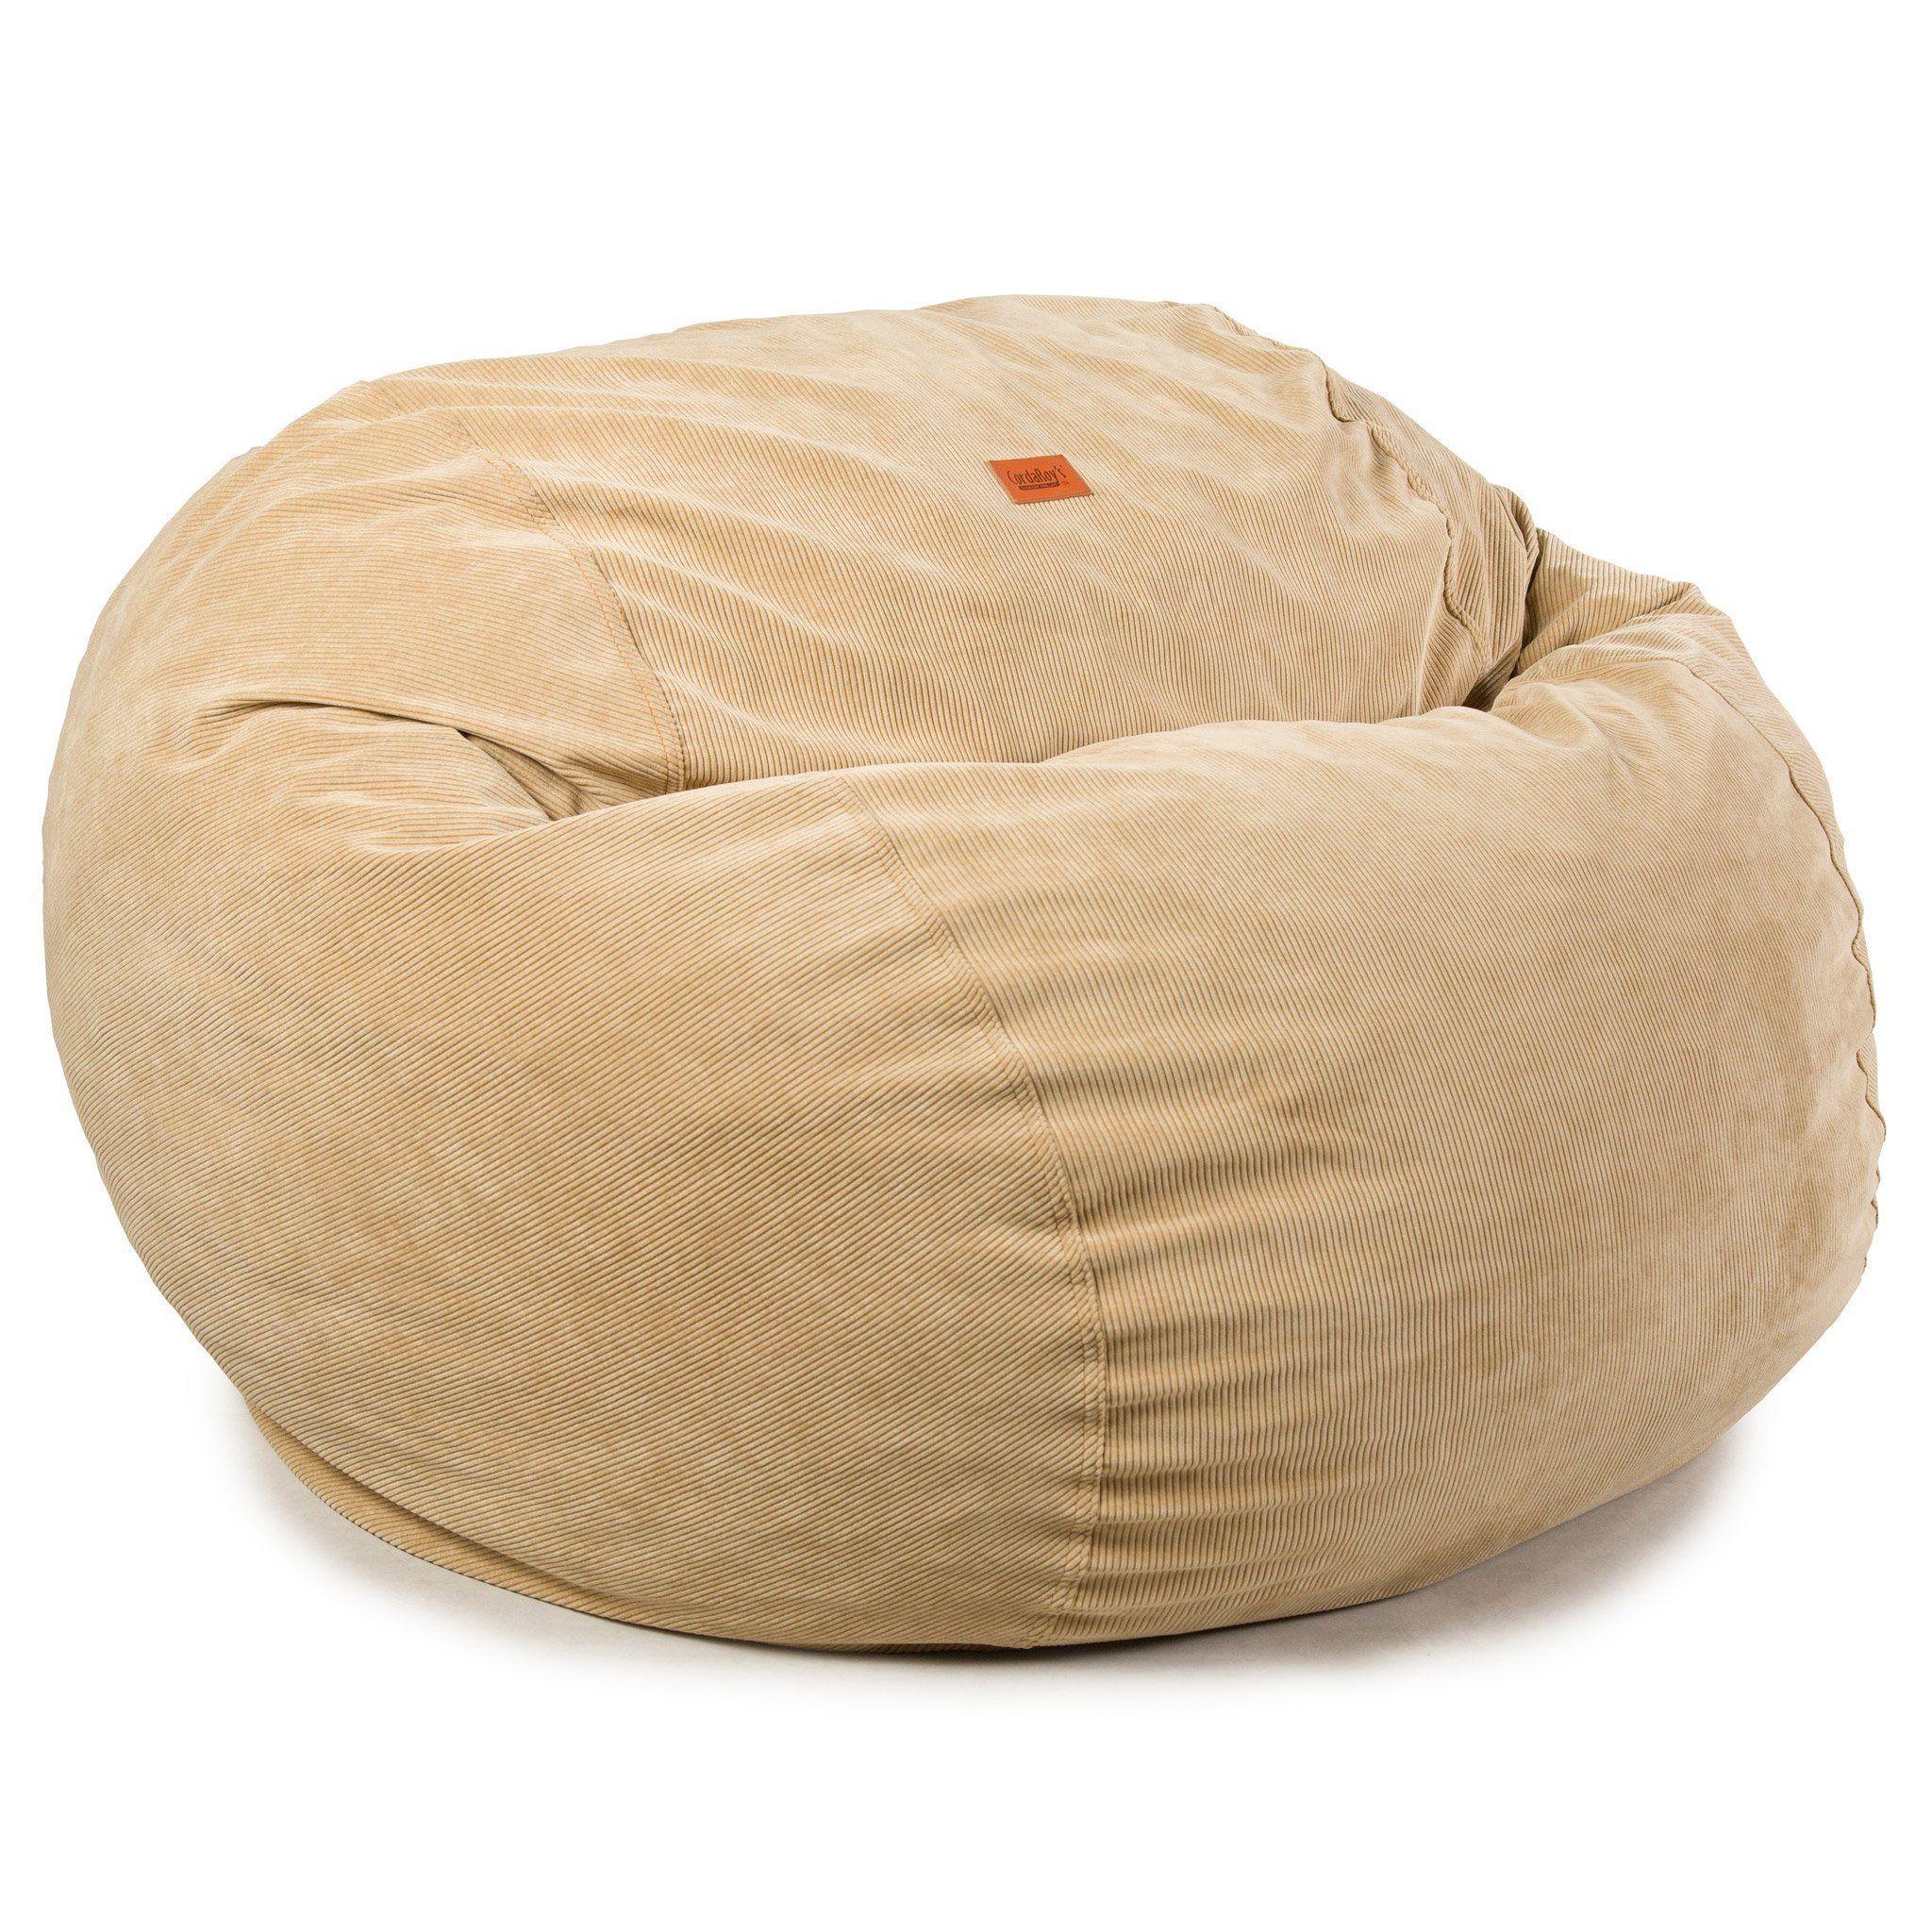 King Chair Bean bag chair, King chair, Giant bean bag chair